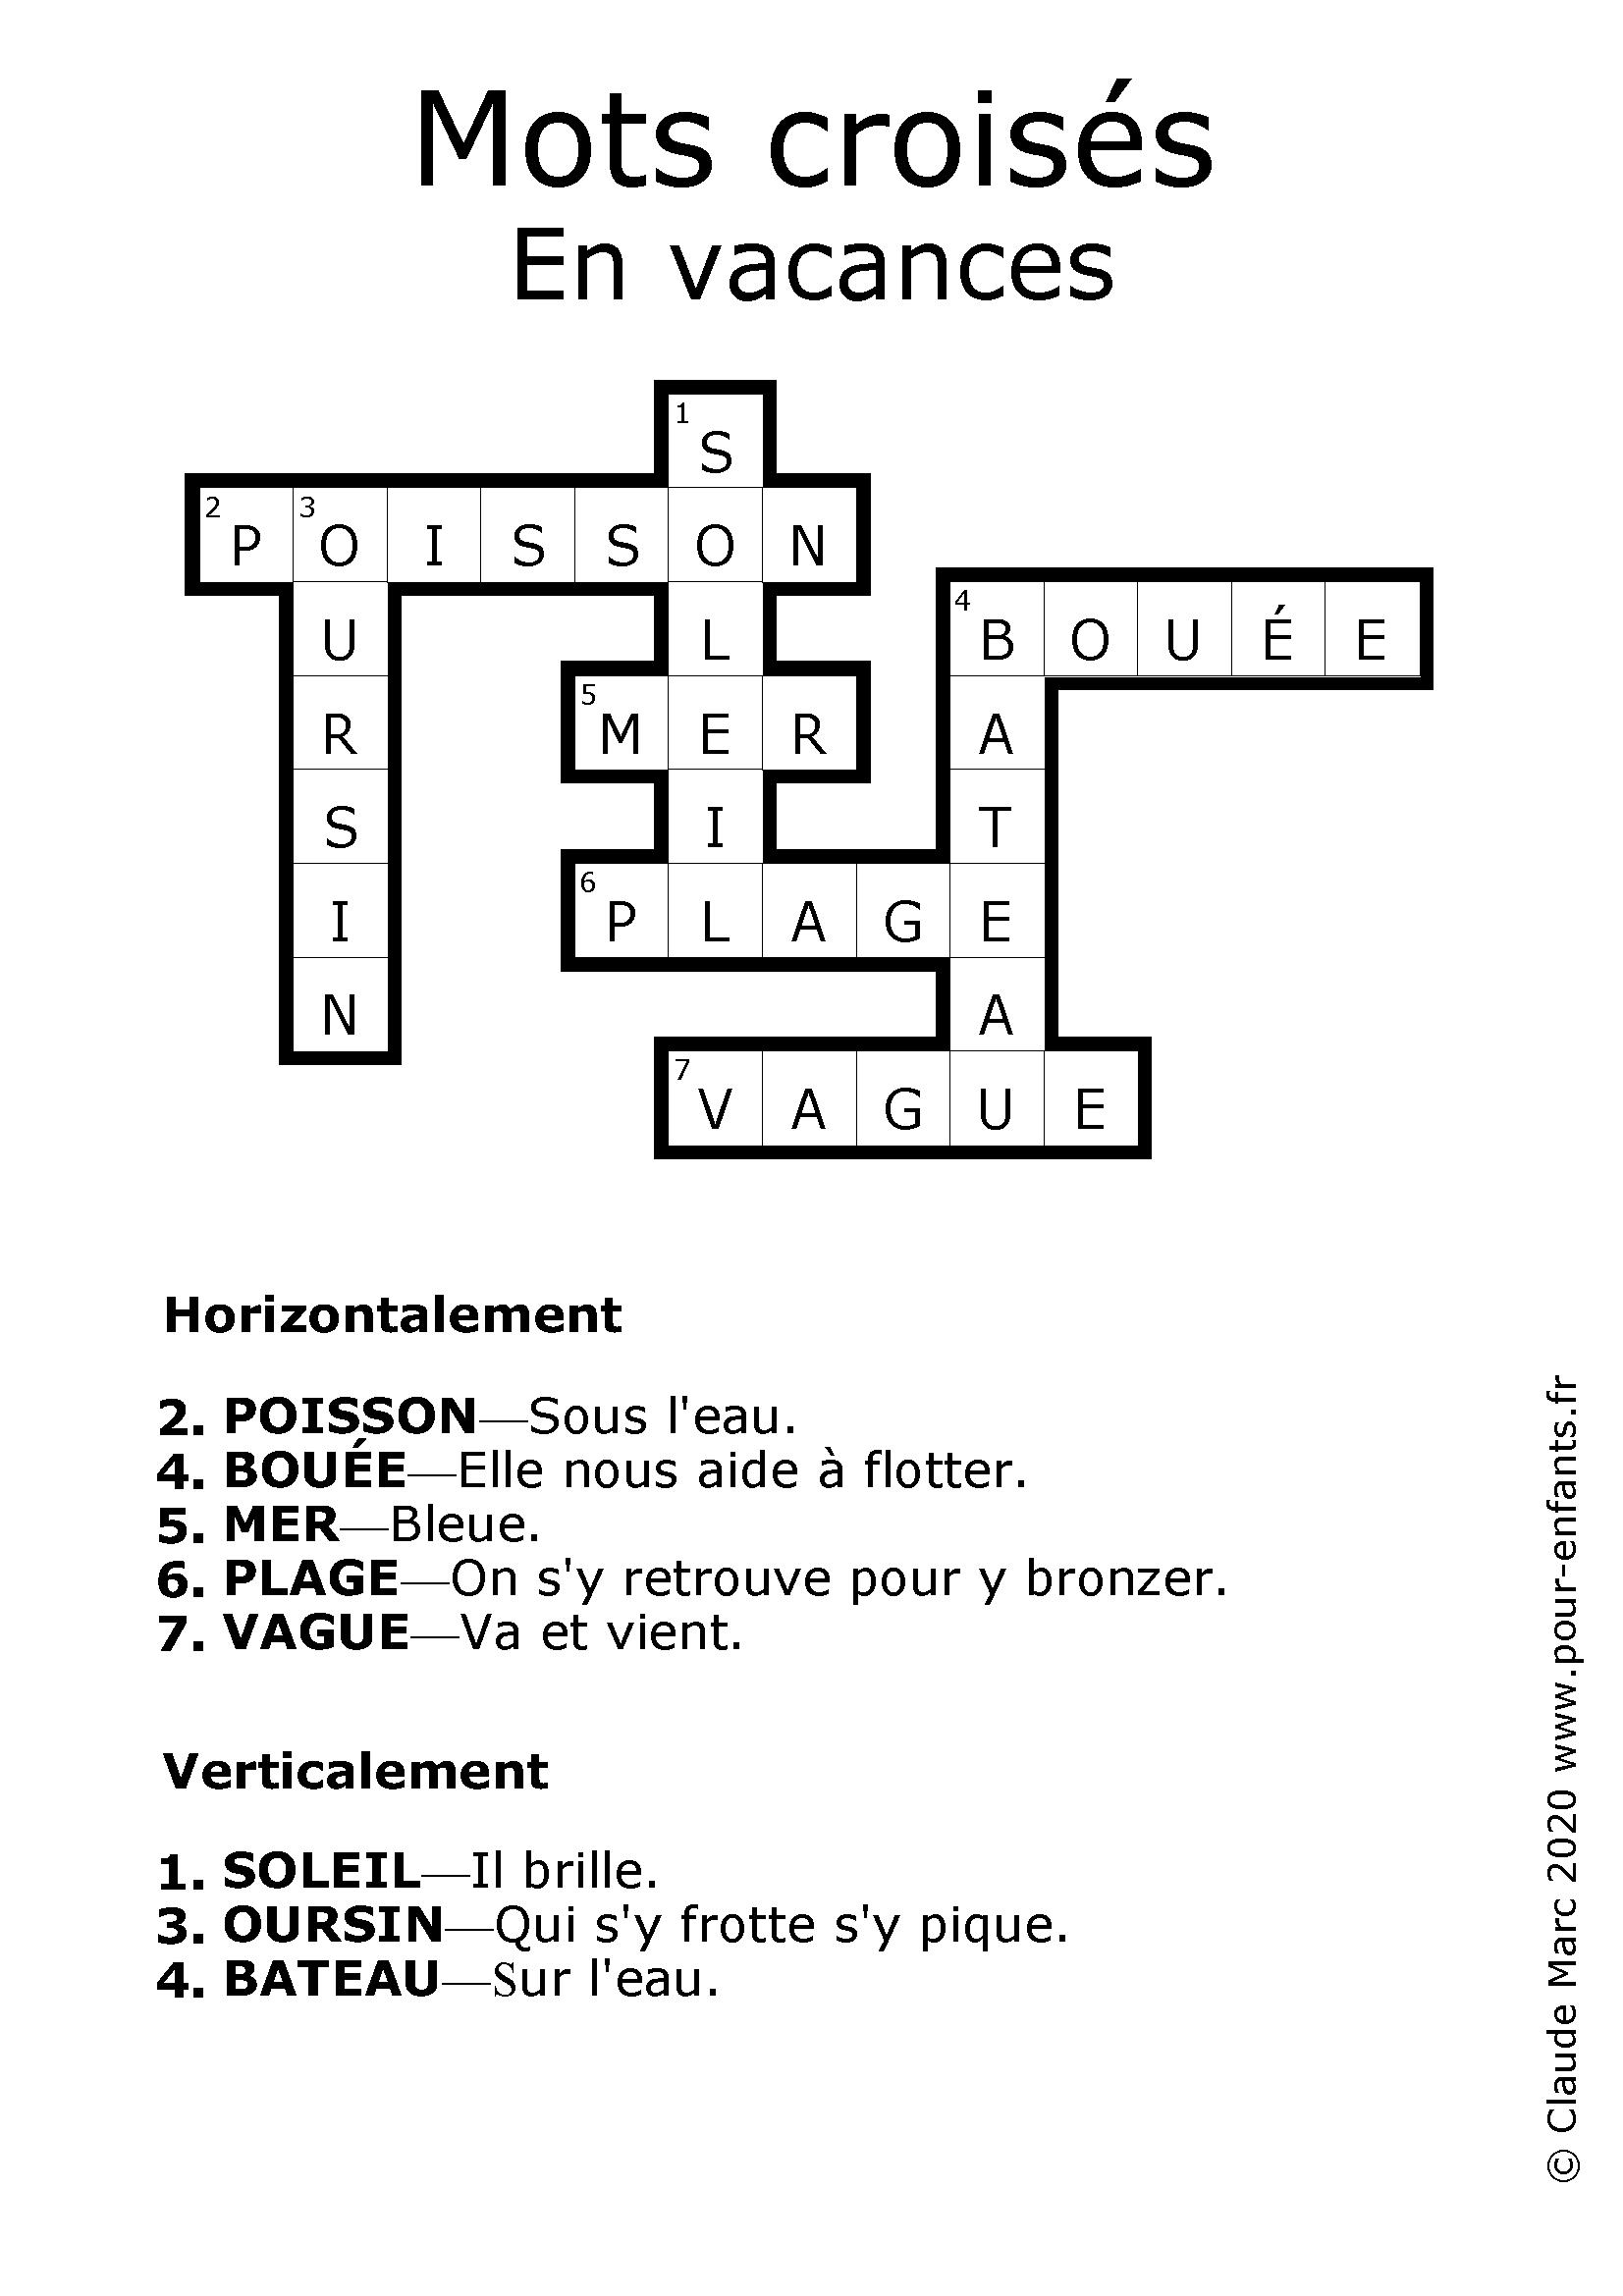 Jeux de mots croisés pour enfants à imprimer. Les vacances. Solution de la grille.